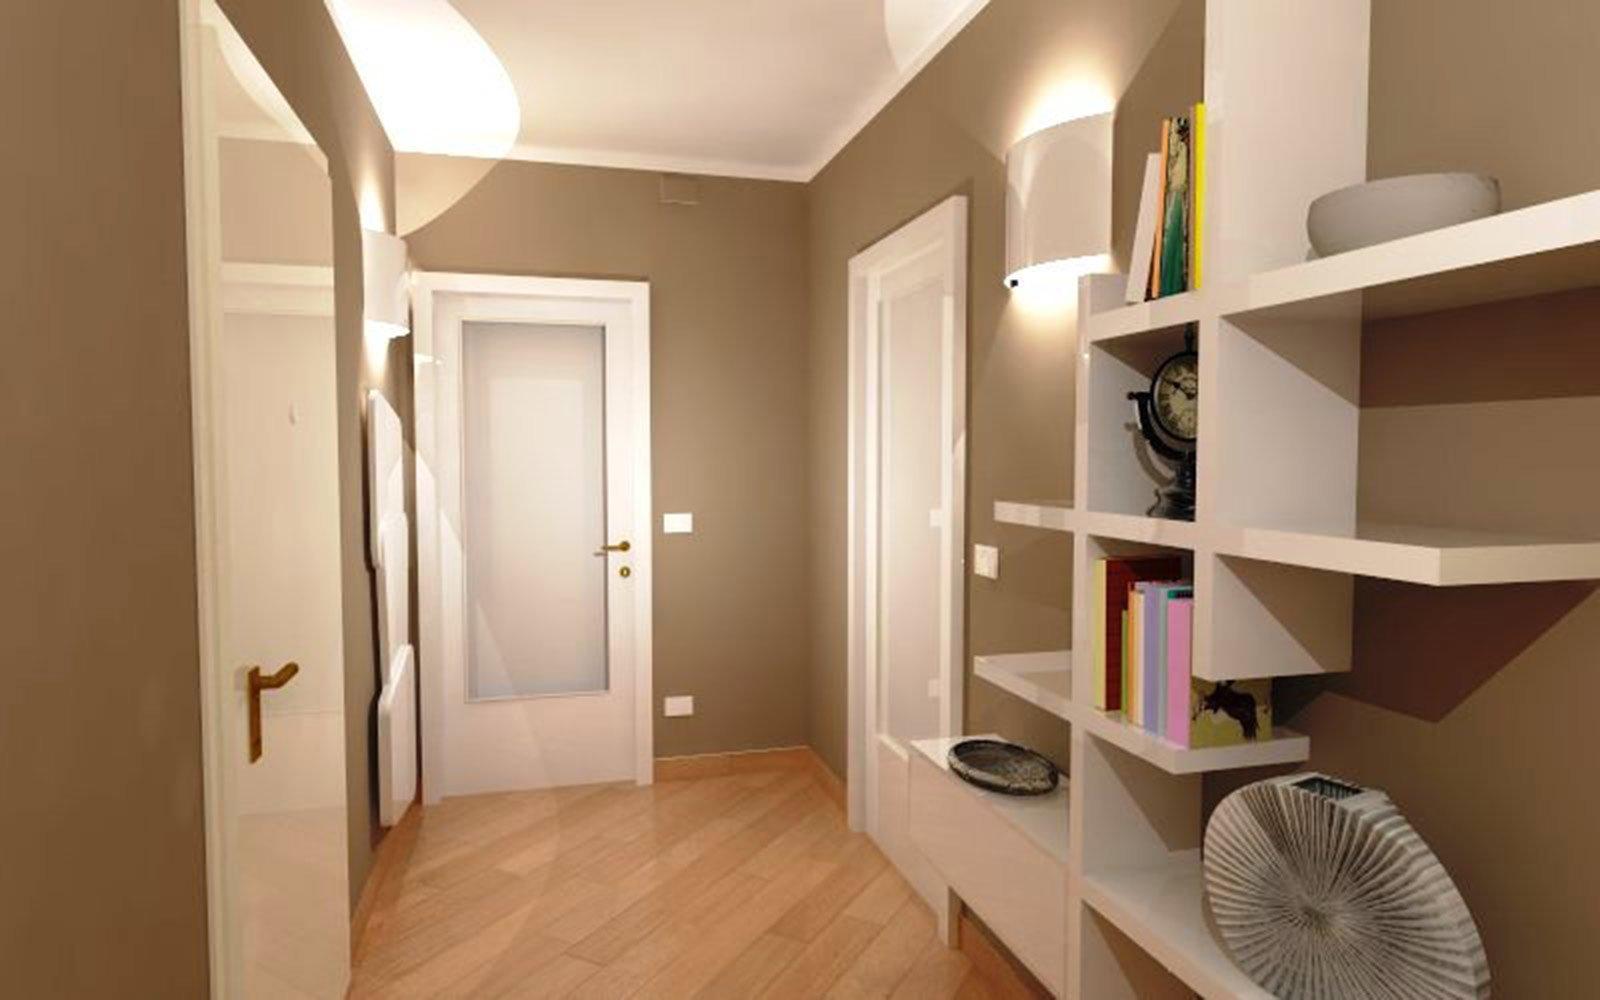 Corridoio quali finiture per pavimento e porte cose di for Dipingere mobili laminato